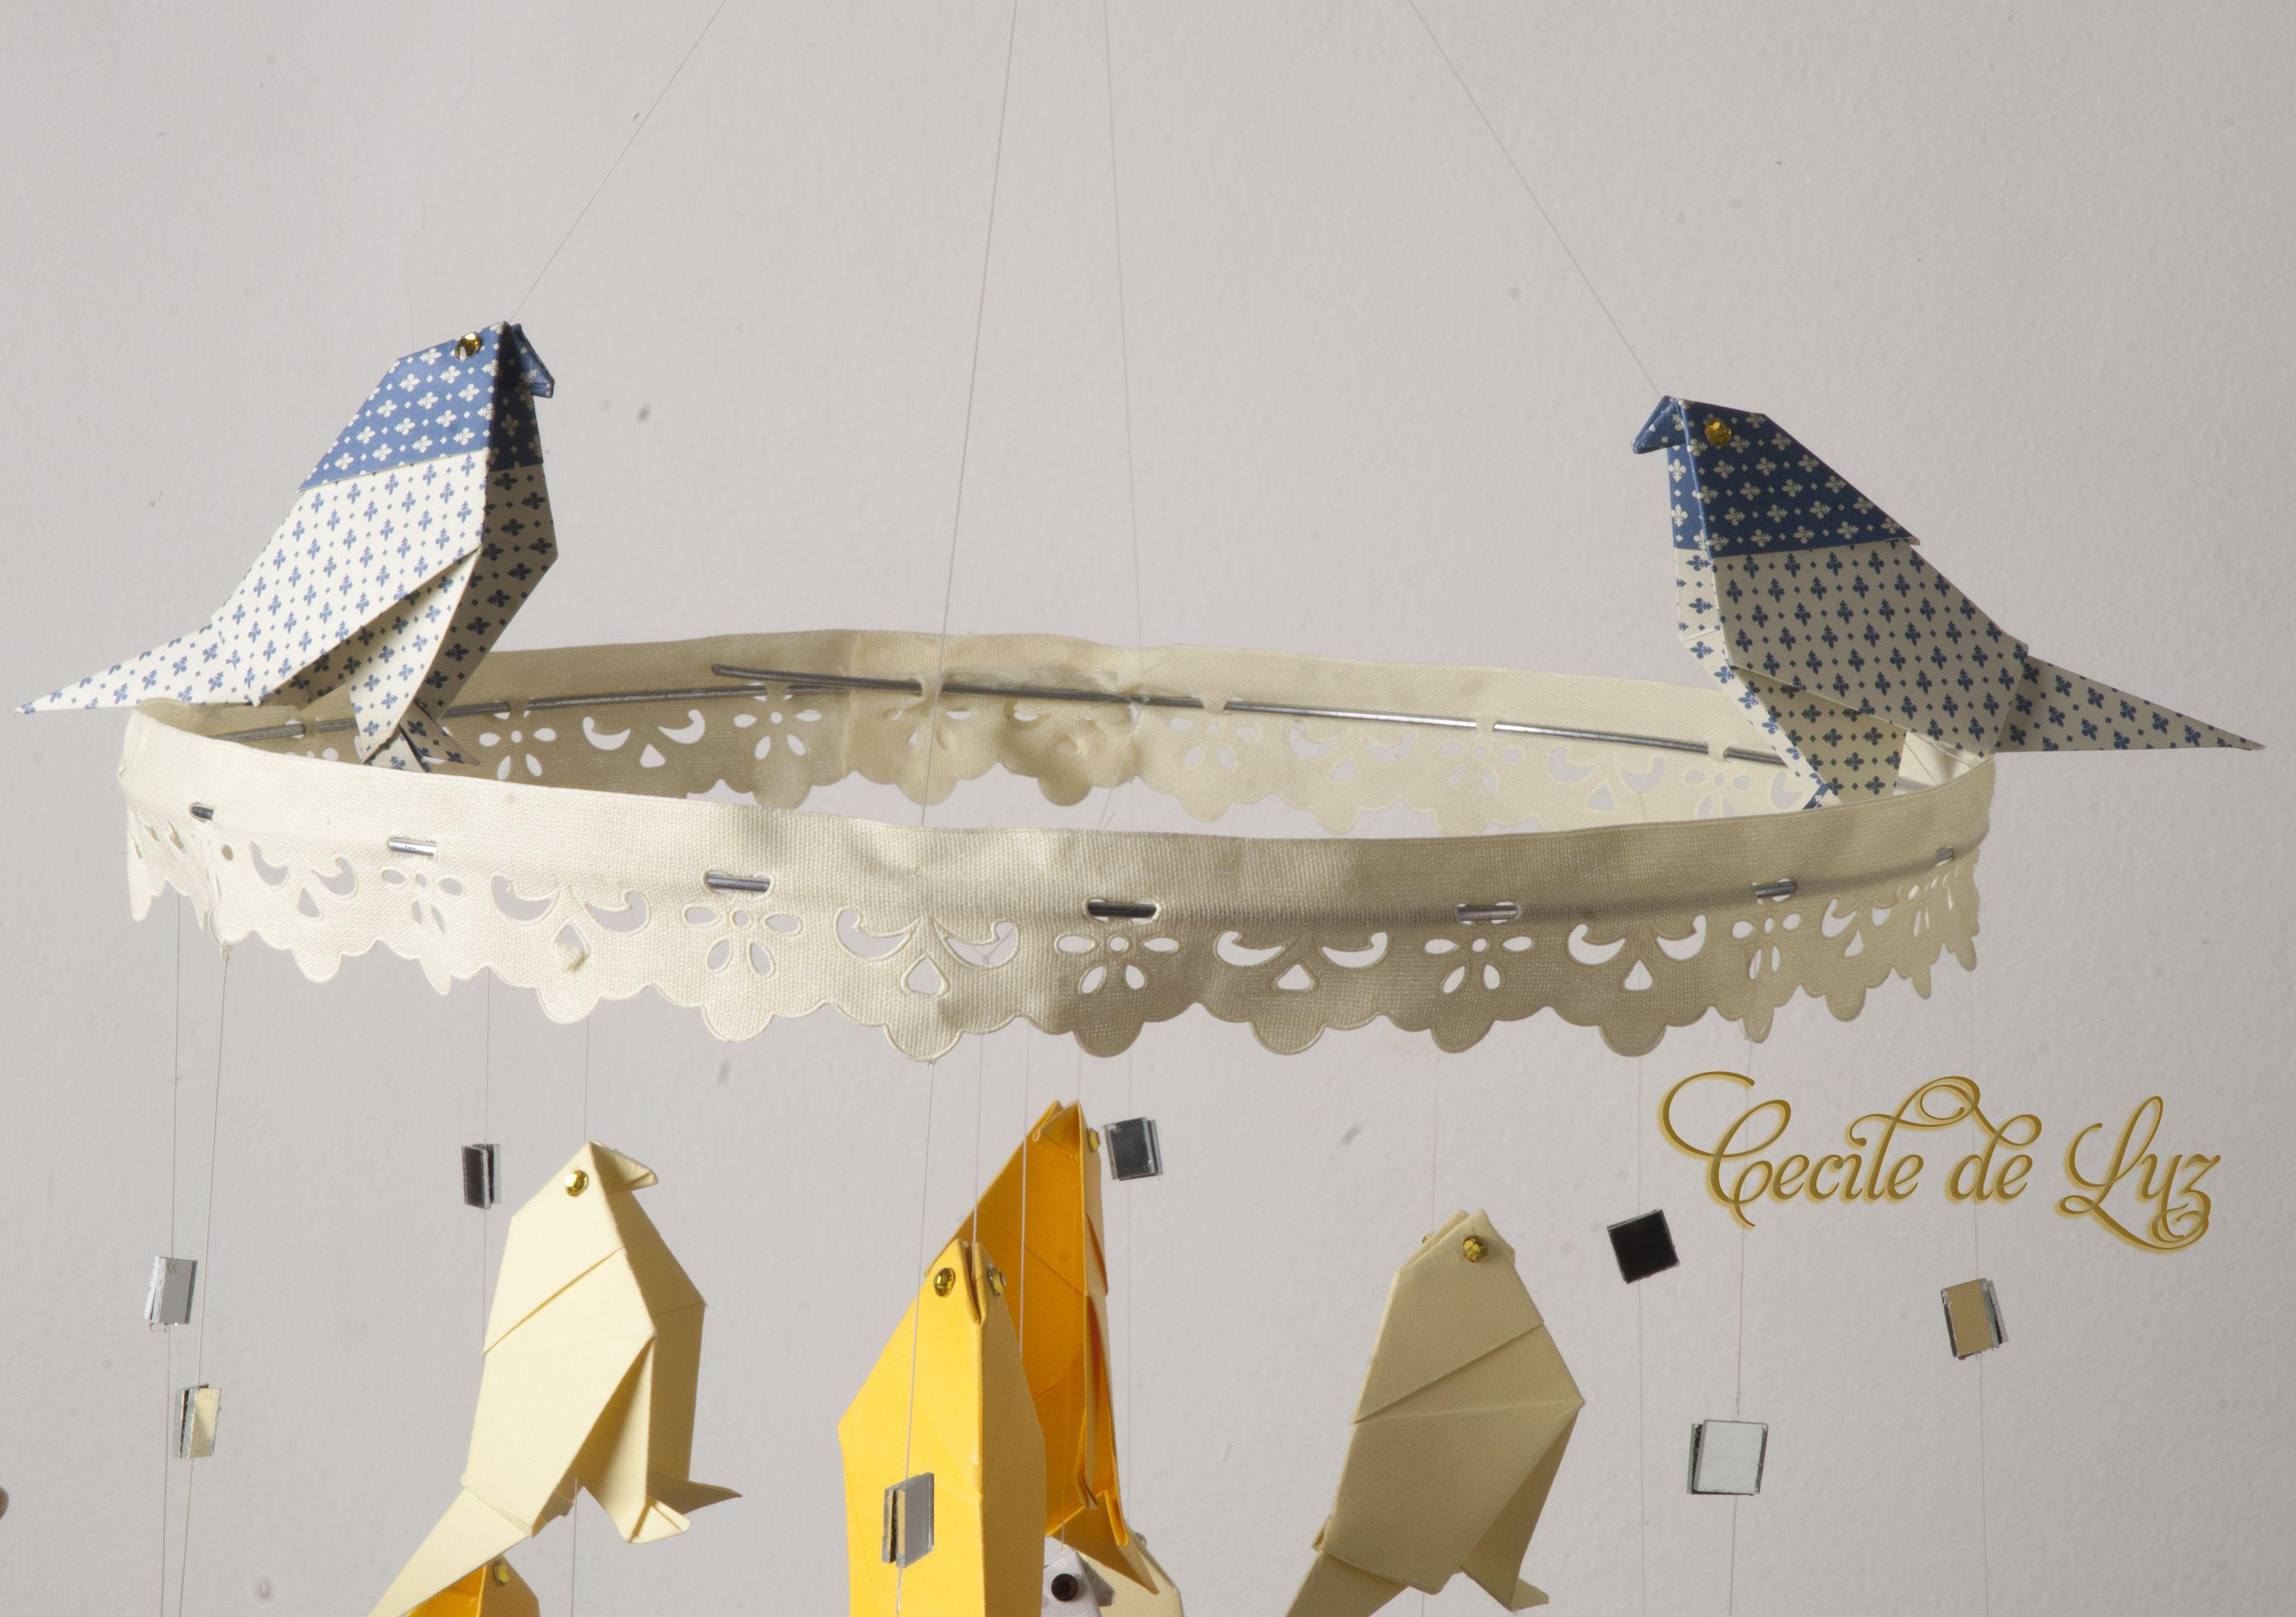 Detalhe do móbile - Pássaros em origami